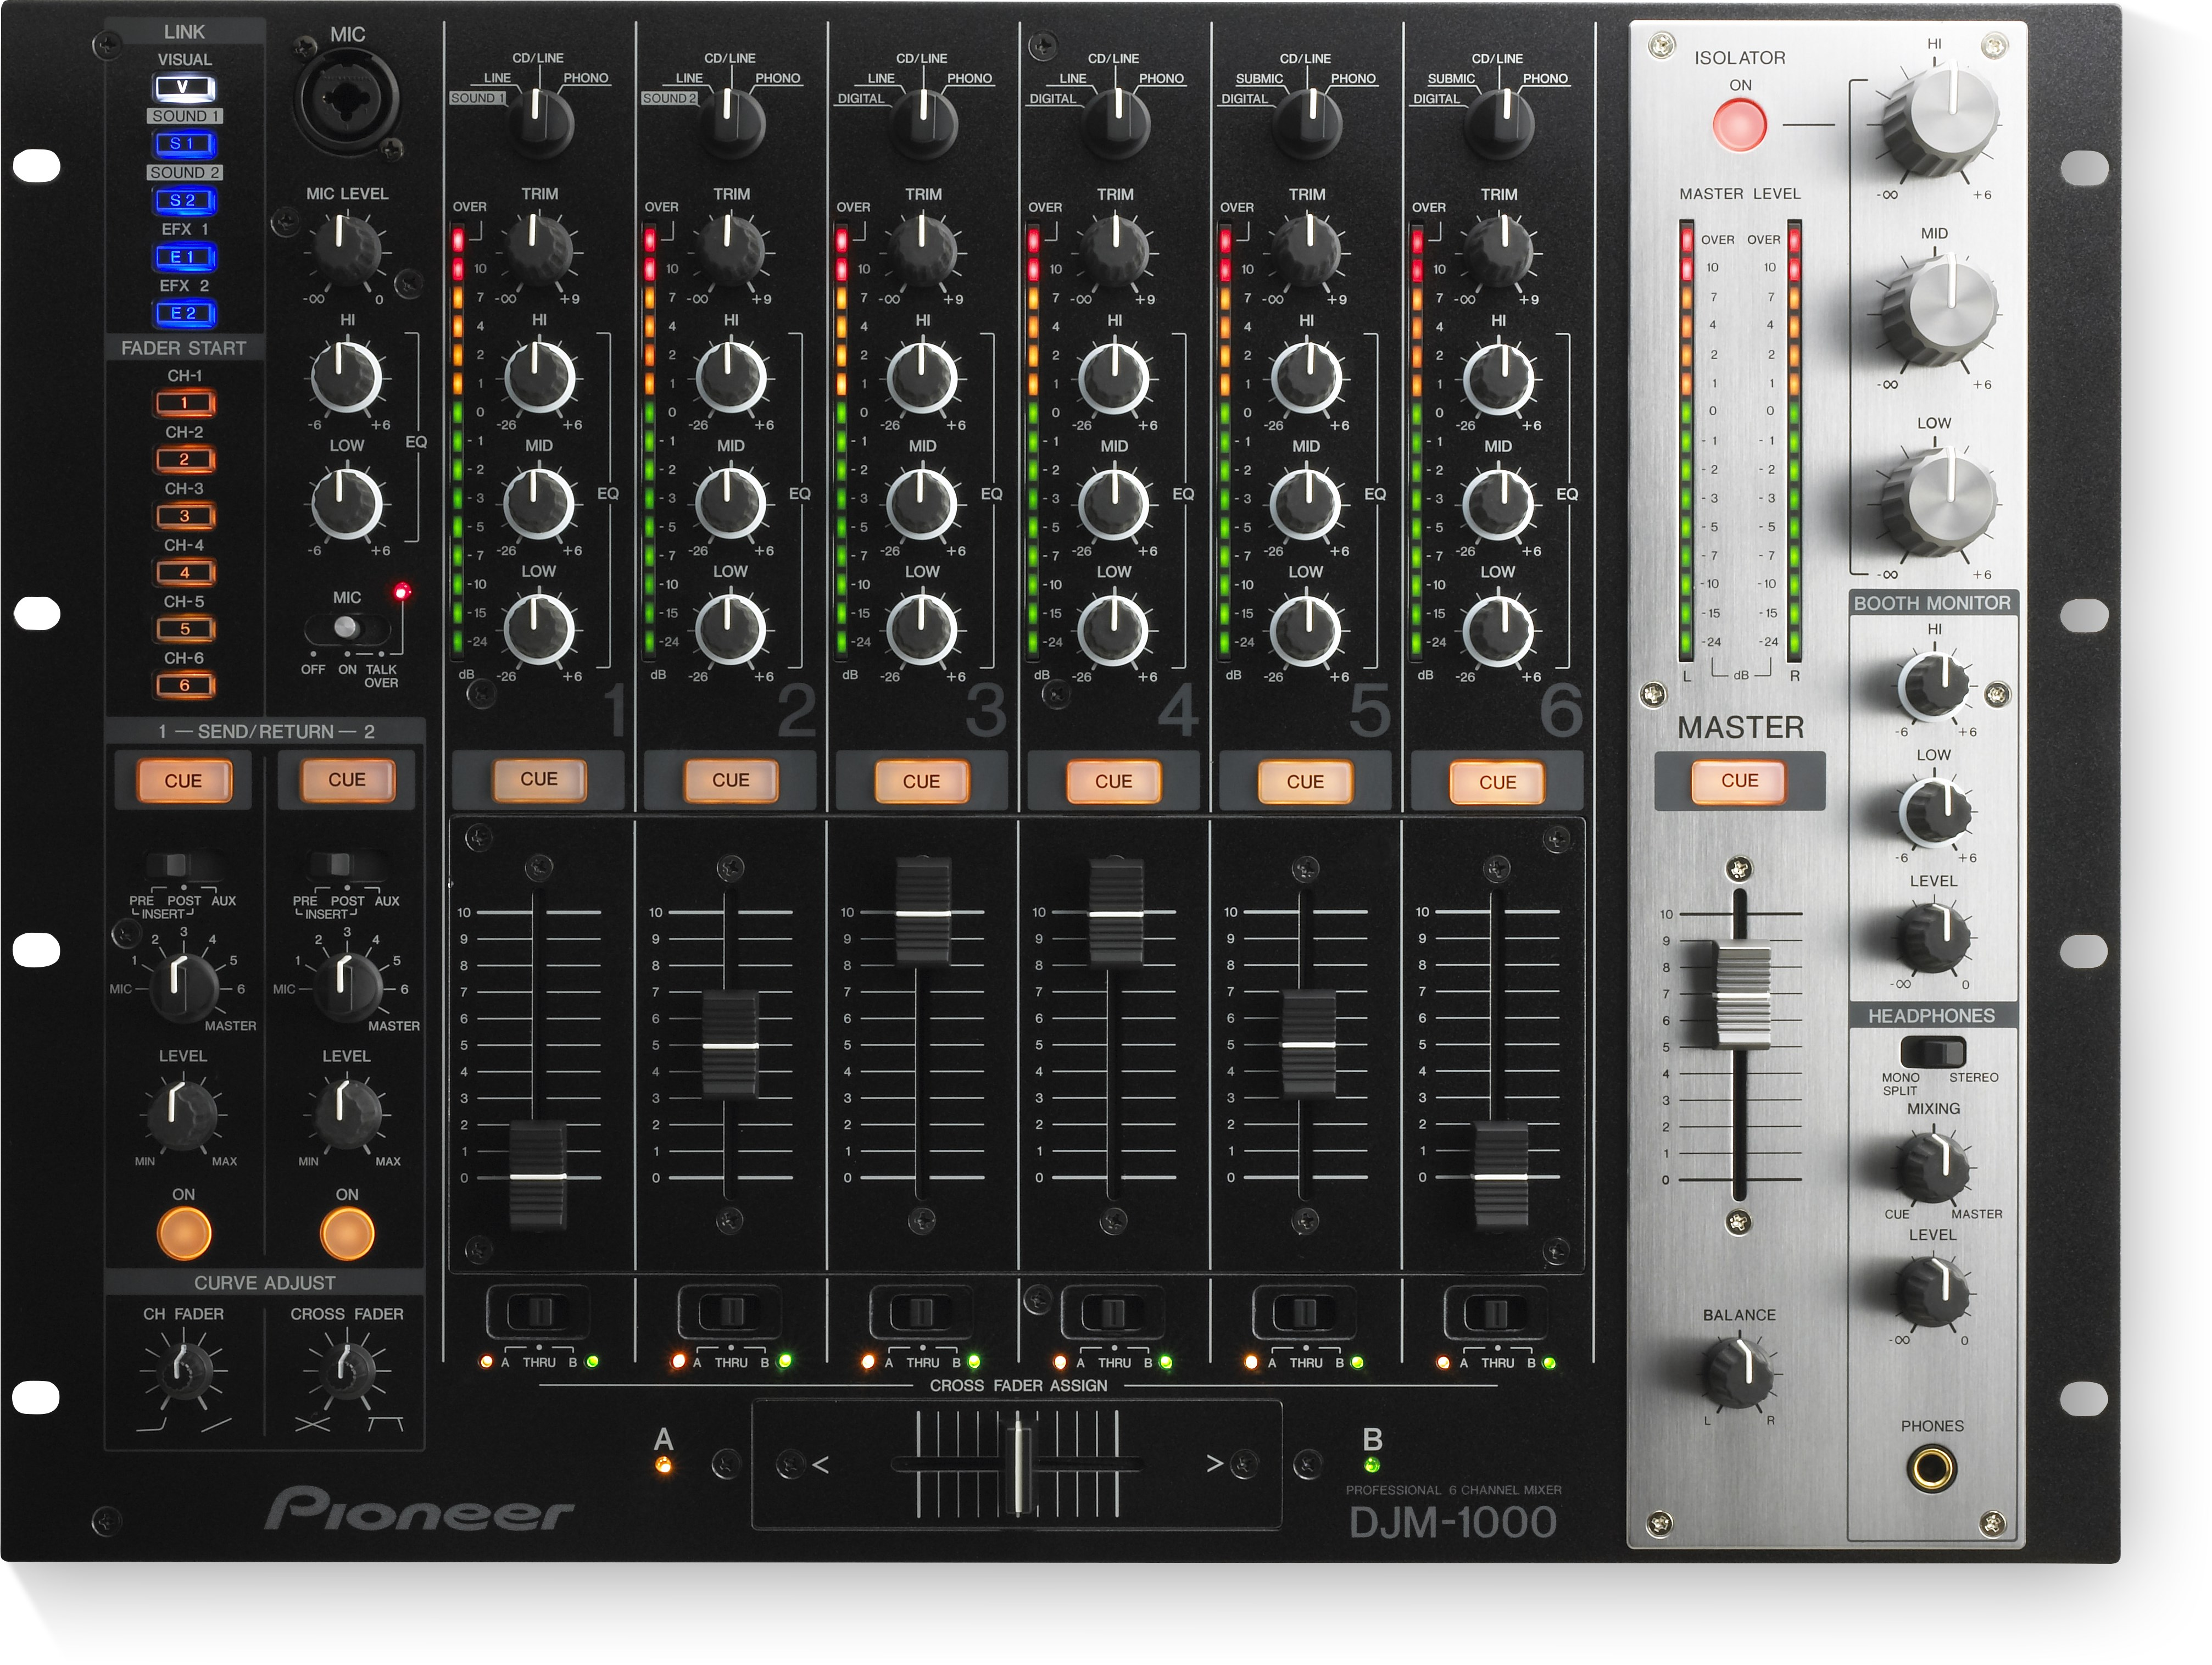 DJM-1000 main